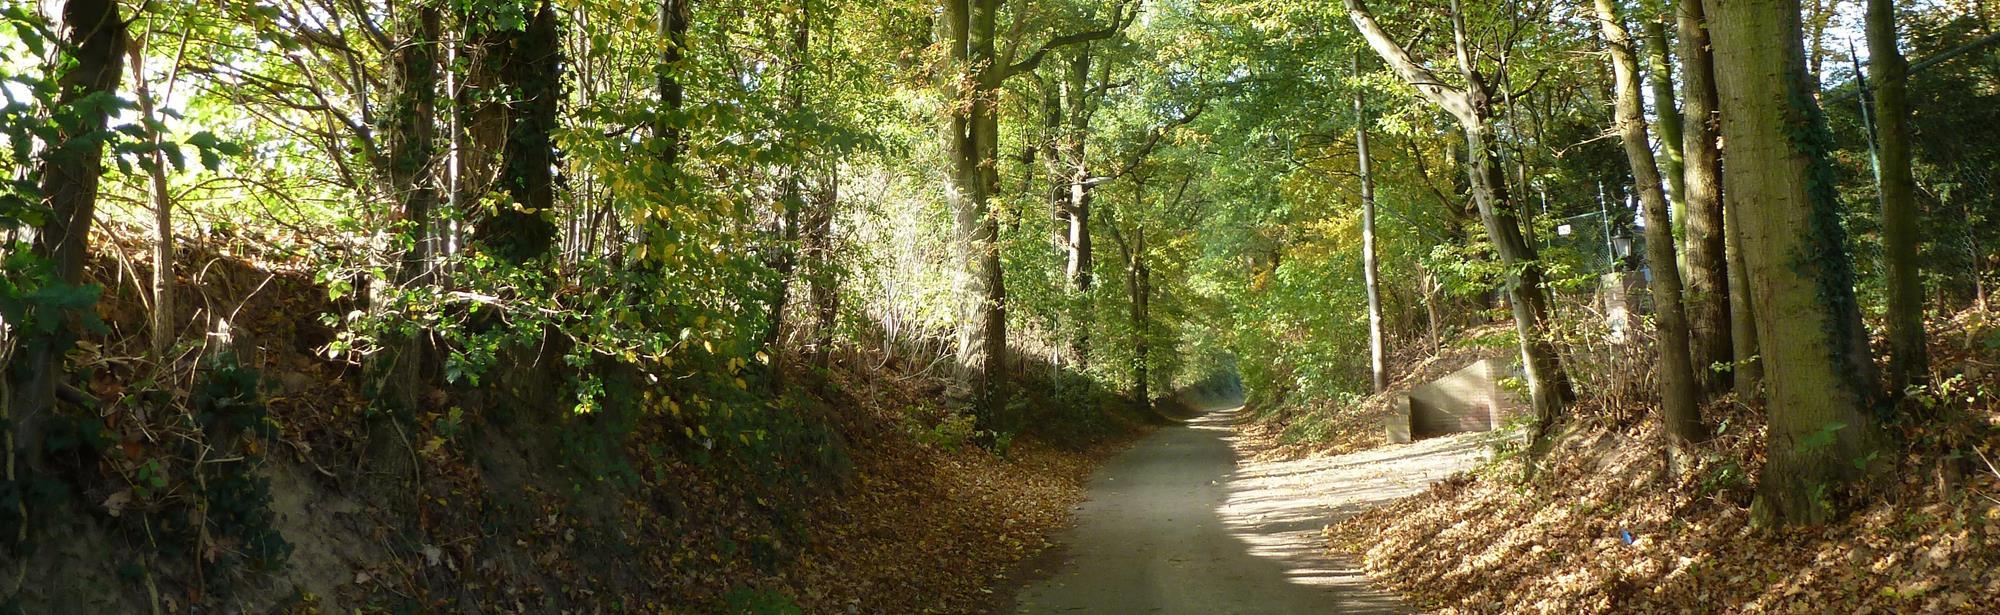 Schinveld-Schinveldse bossen